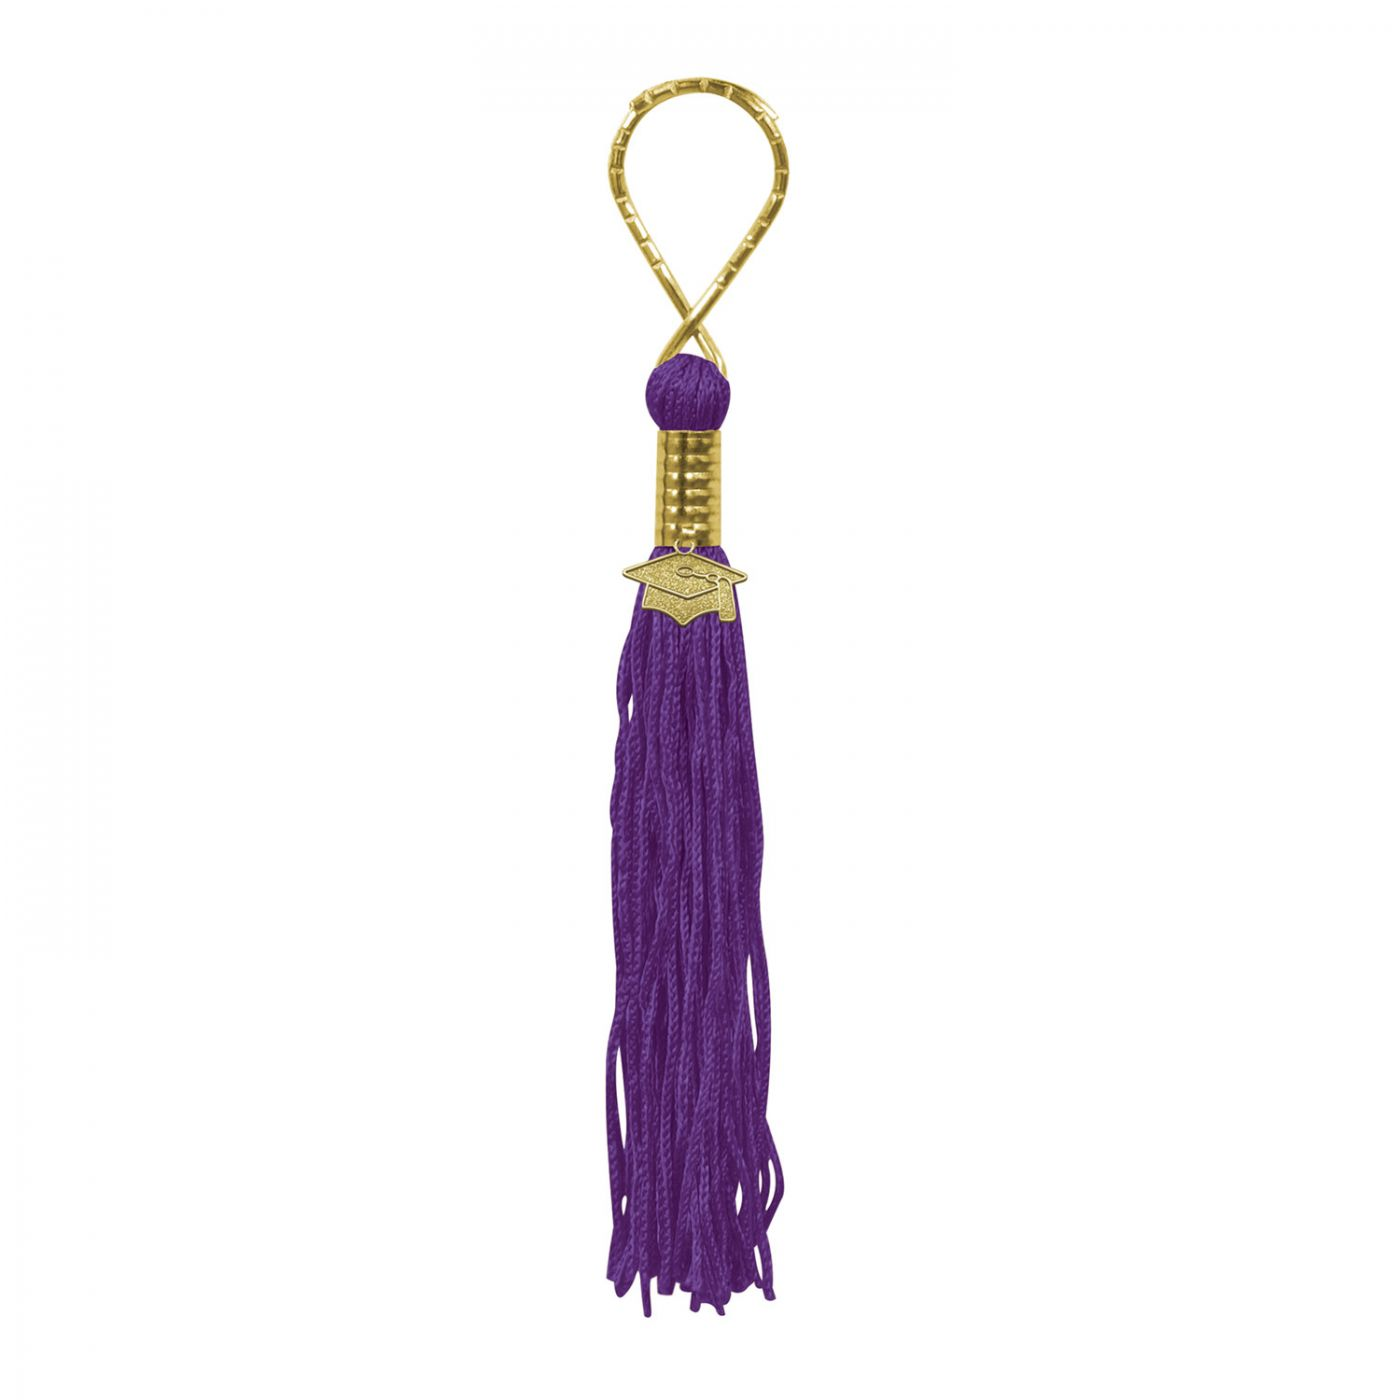 Purple Tassel Keychain (6) image